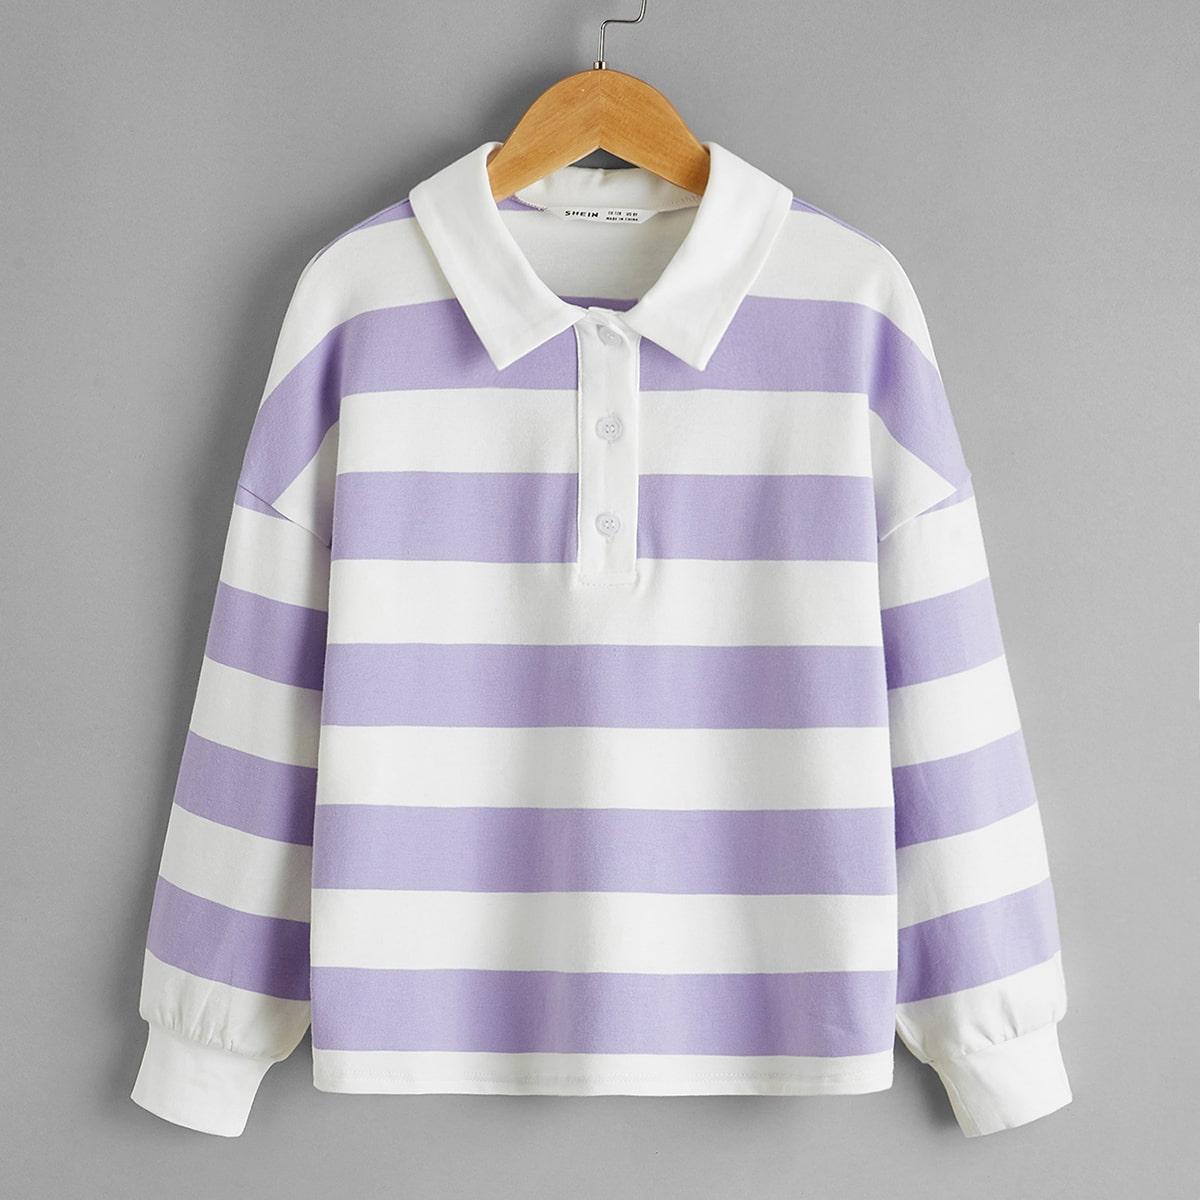 Пуговица контрастный цвет повседневный футболки для девочек